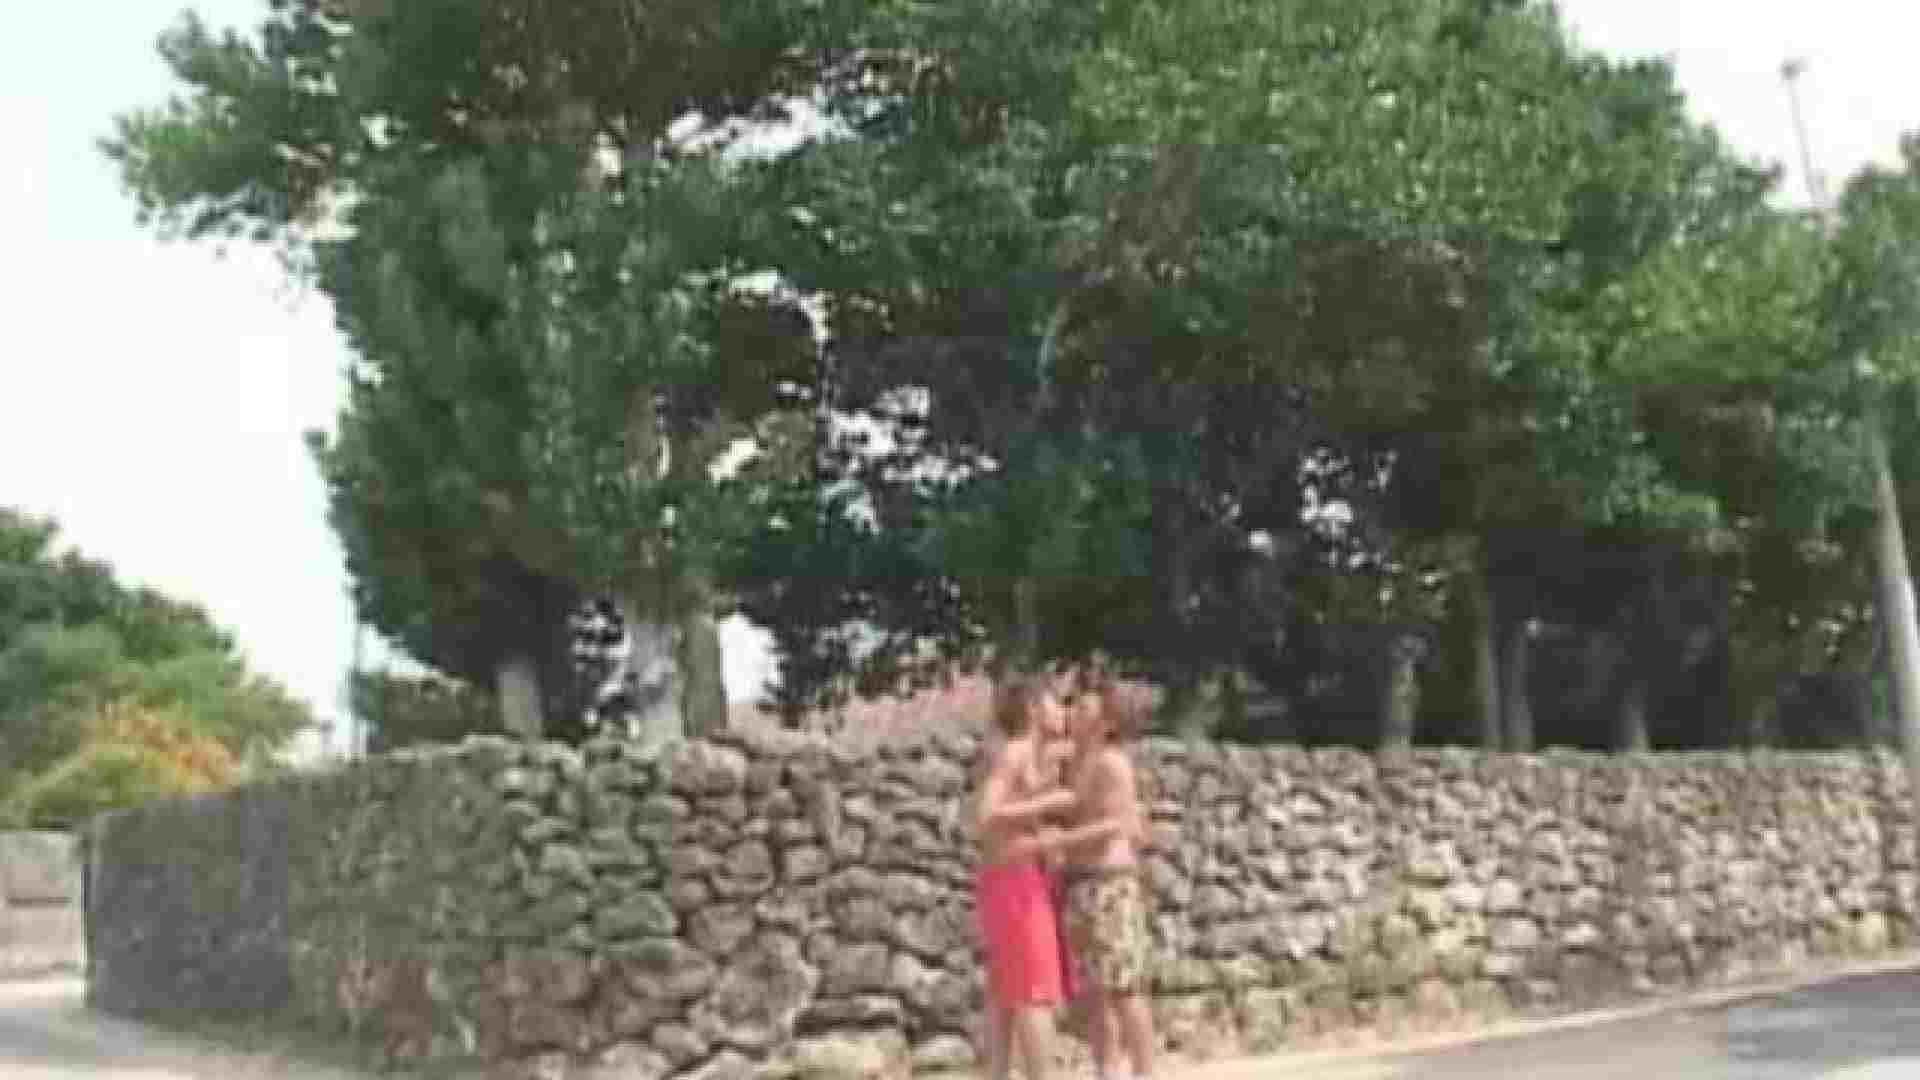 南国青春白書 本当の俺 vol.02 GAY ゲイアダルト画像 61画像 19